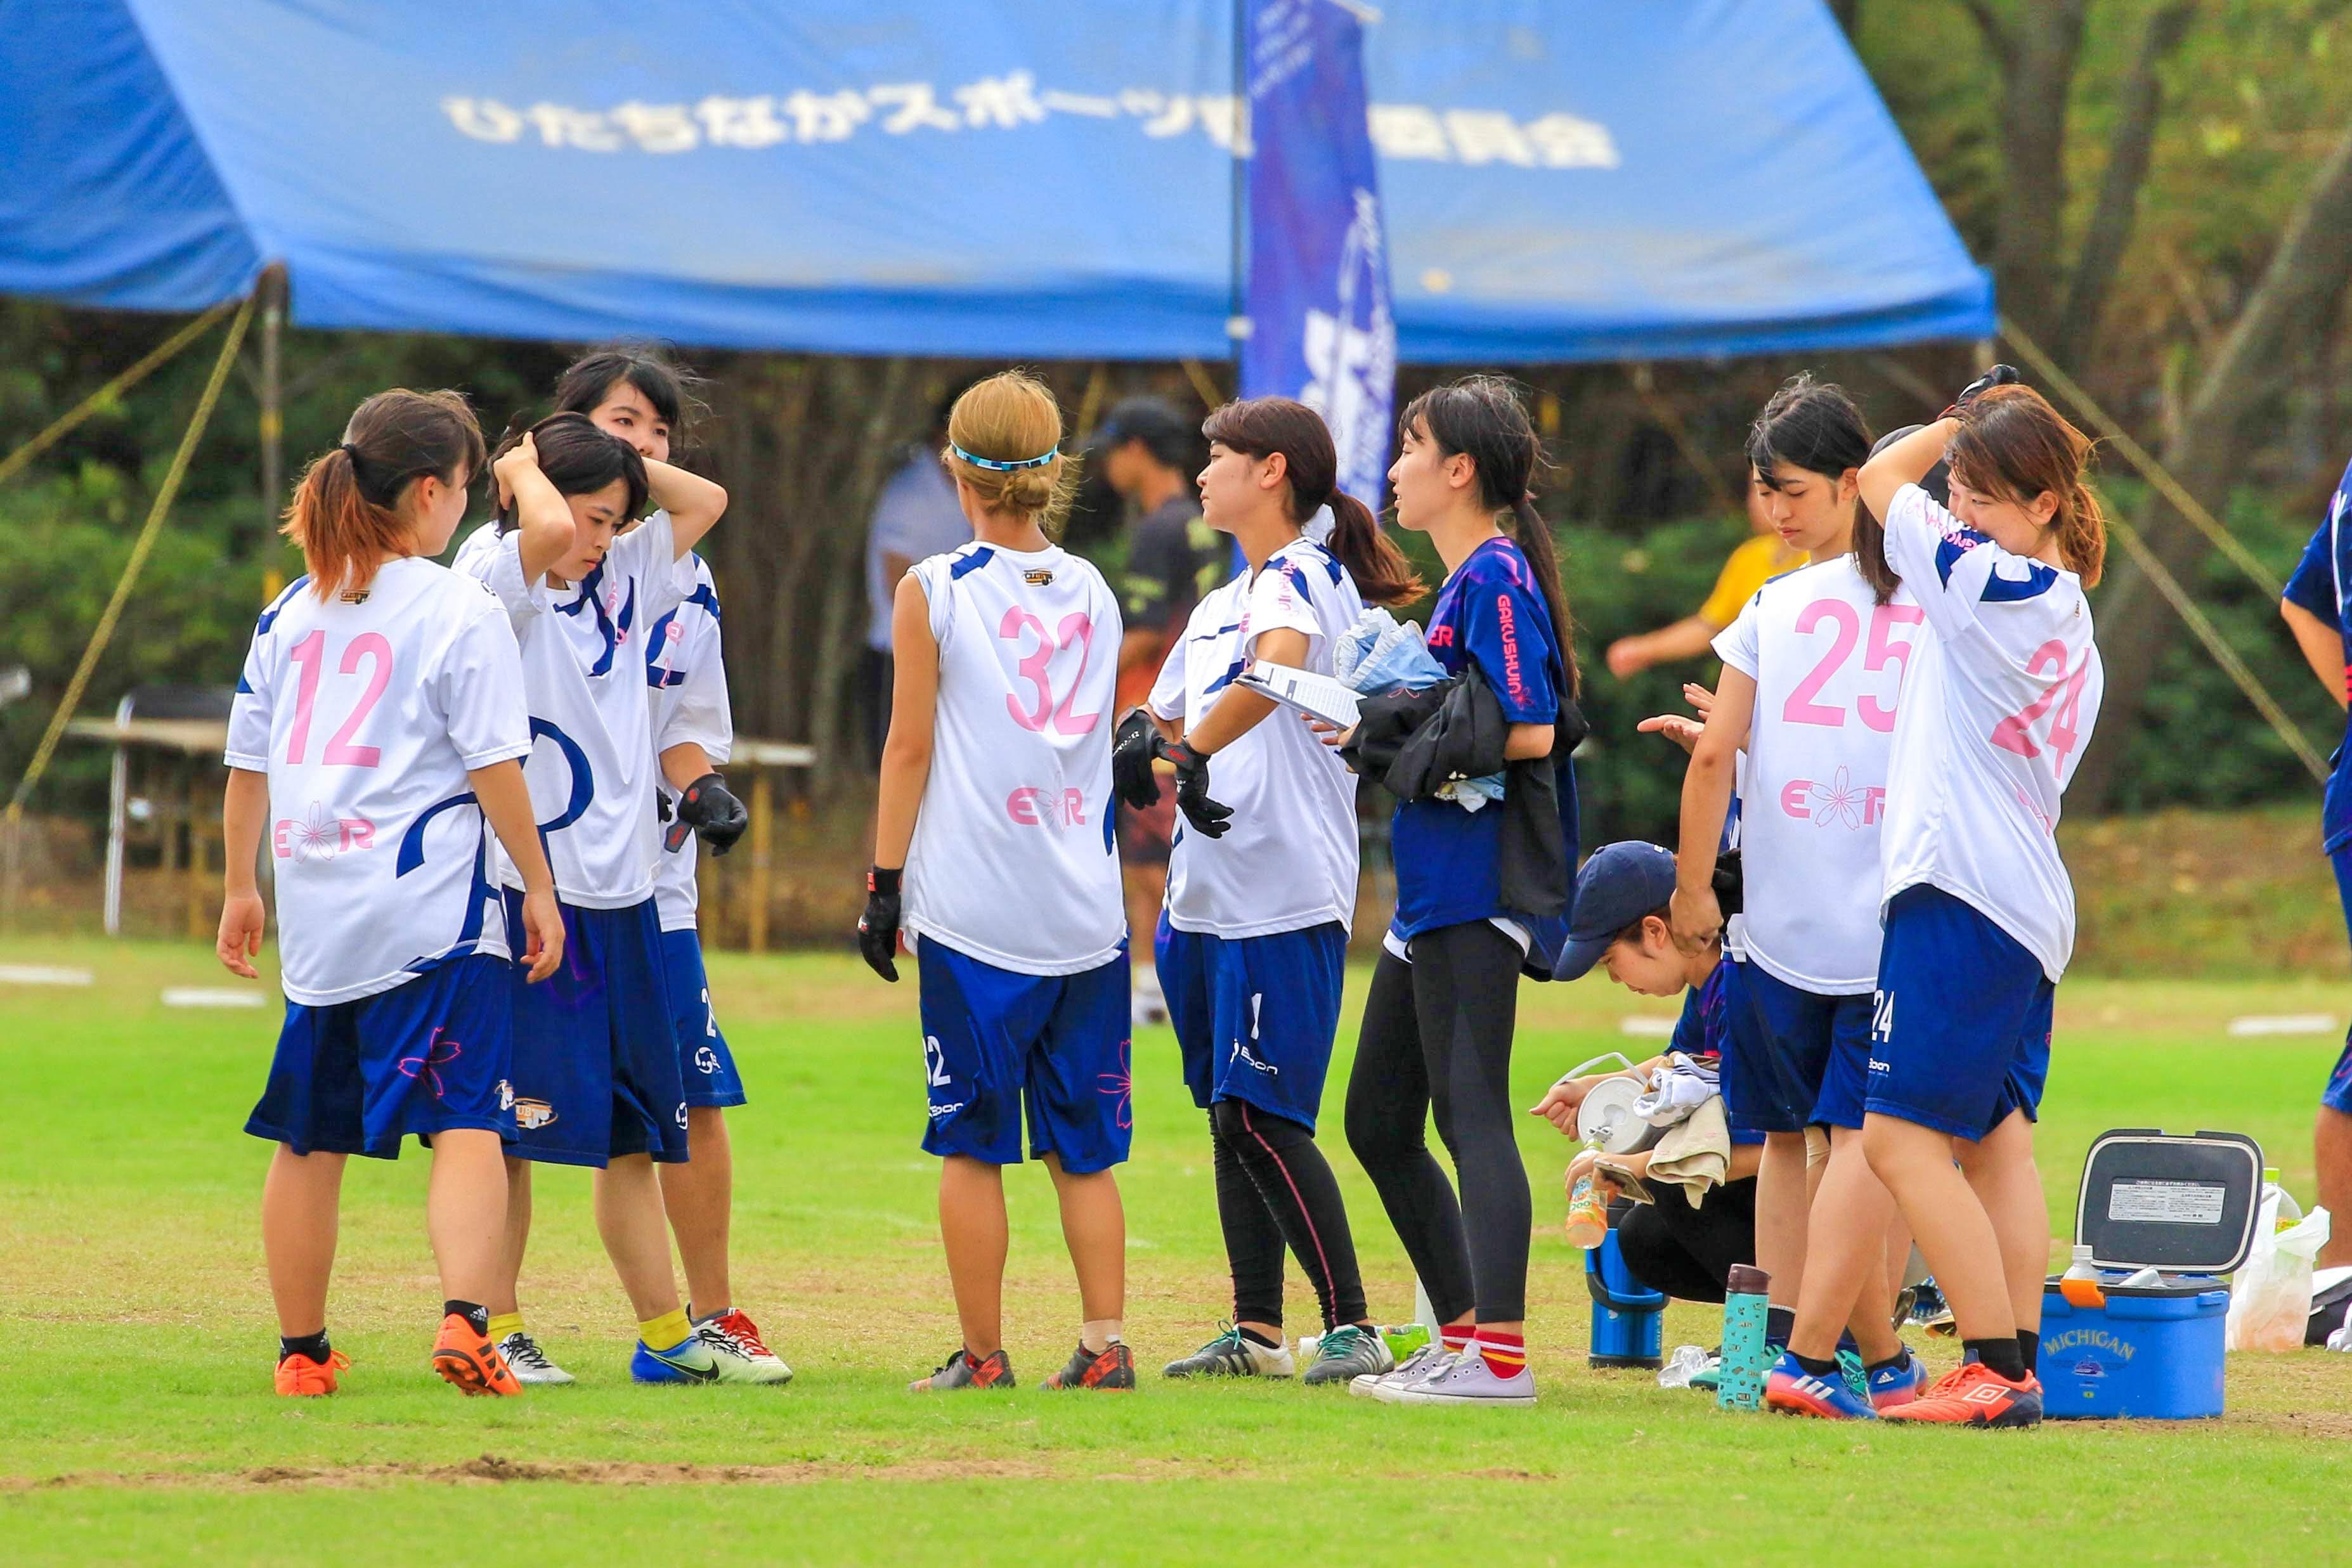 女子の大学選手権の様子